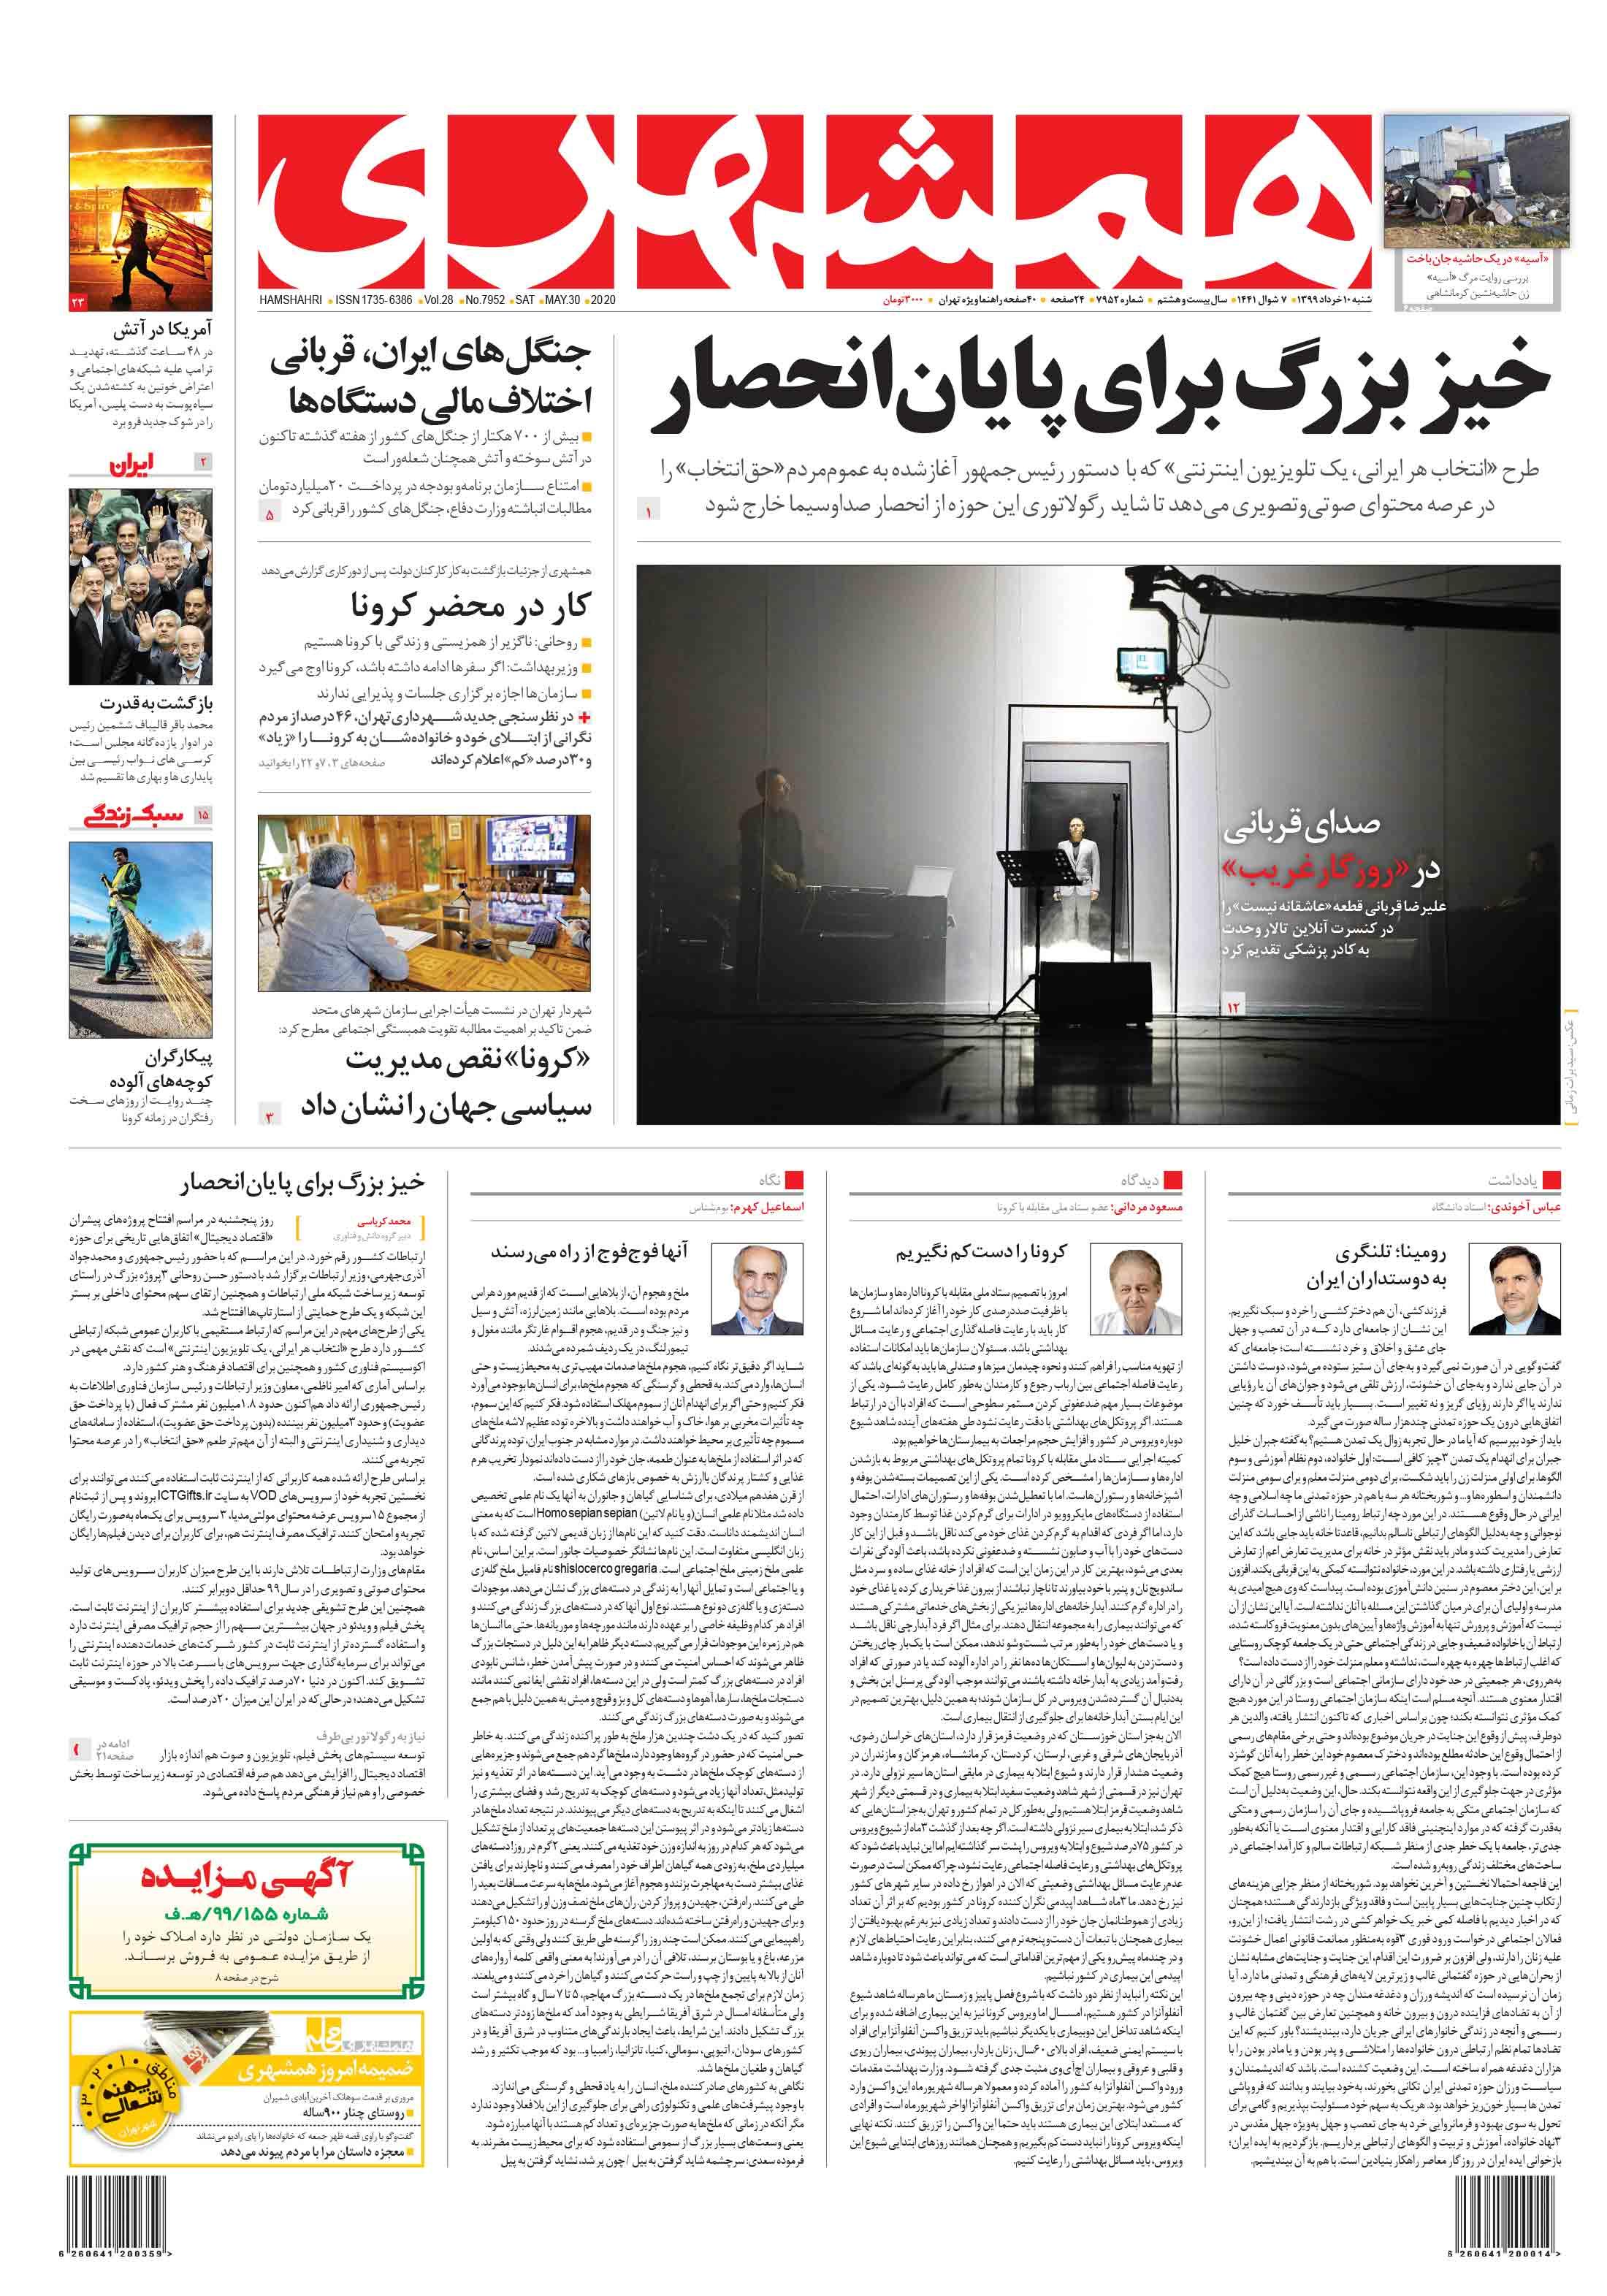 صفحه اول شنبه 10 خرداد 1399